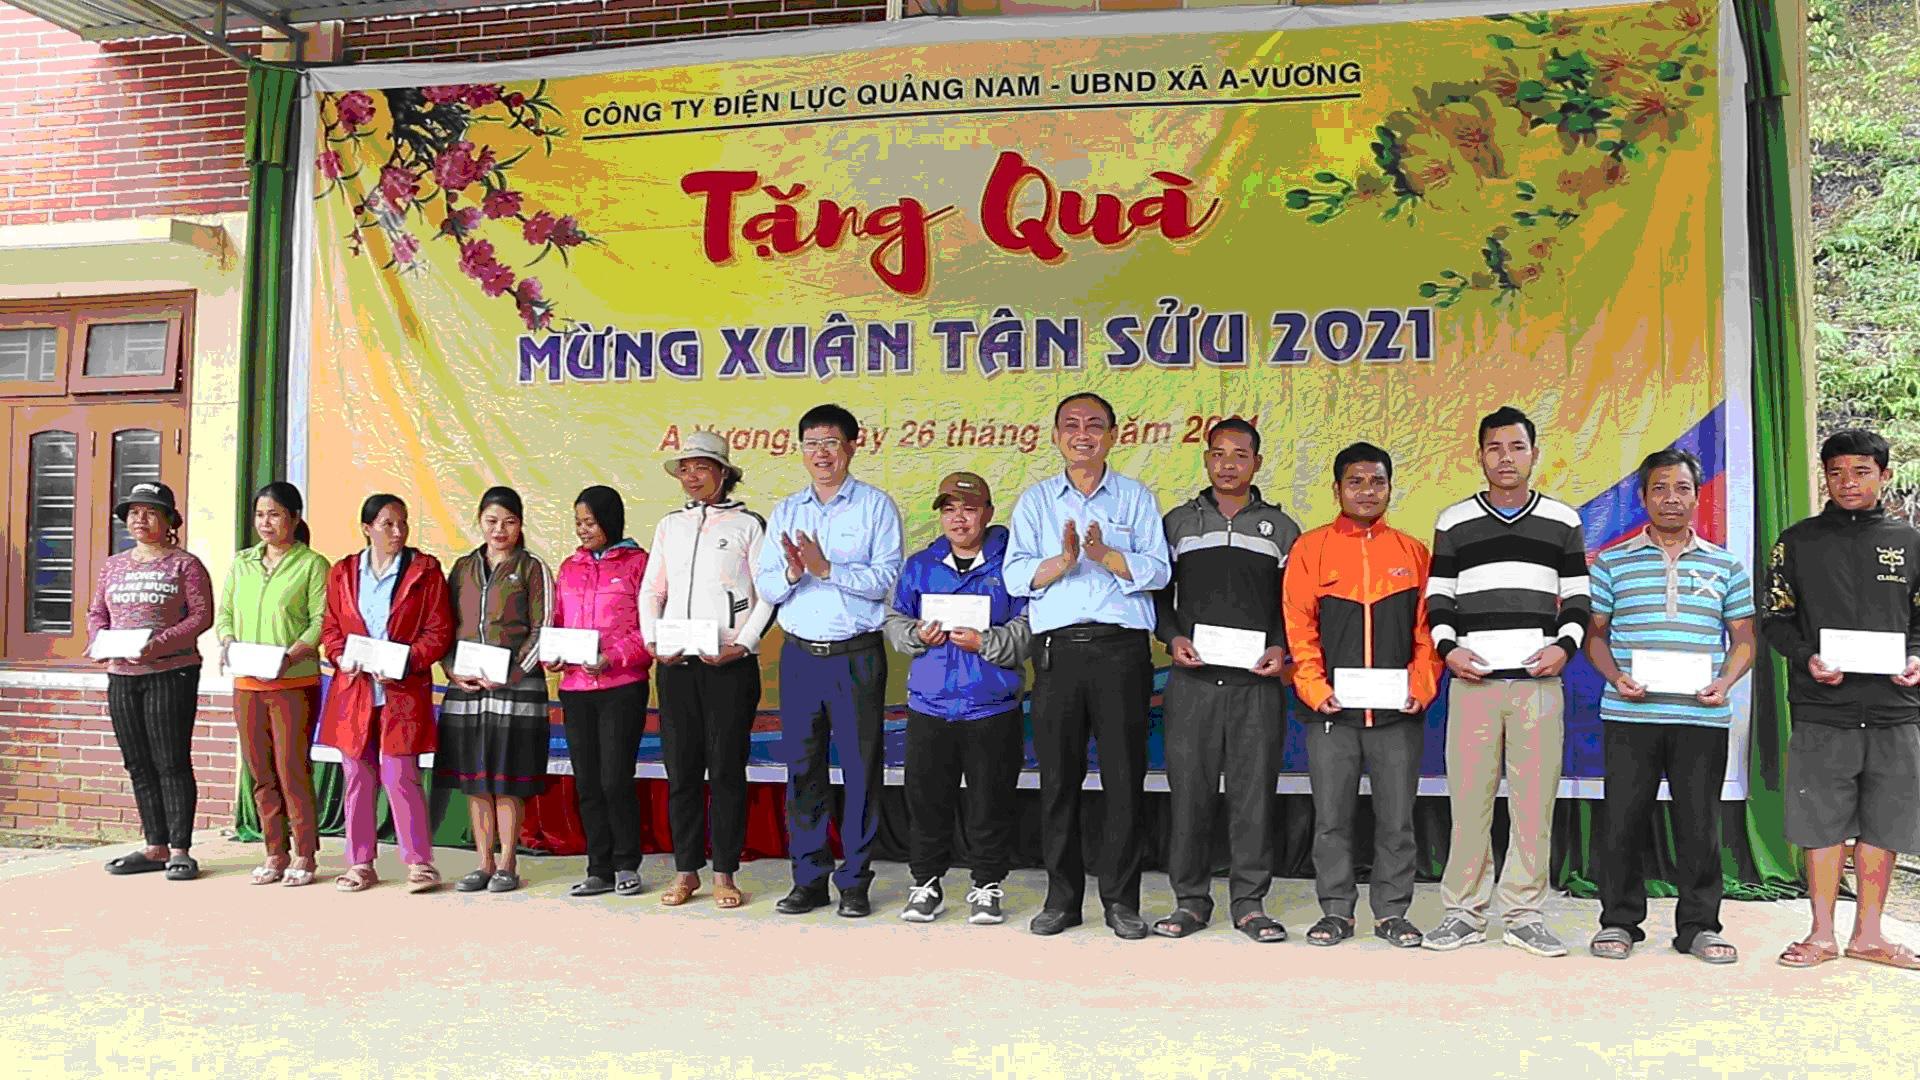 Công ty Điện lực Quảng Nam thăm, tặng quà tết cho người dân xã A Vương - Ảnh 1.